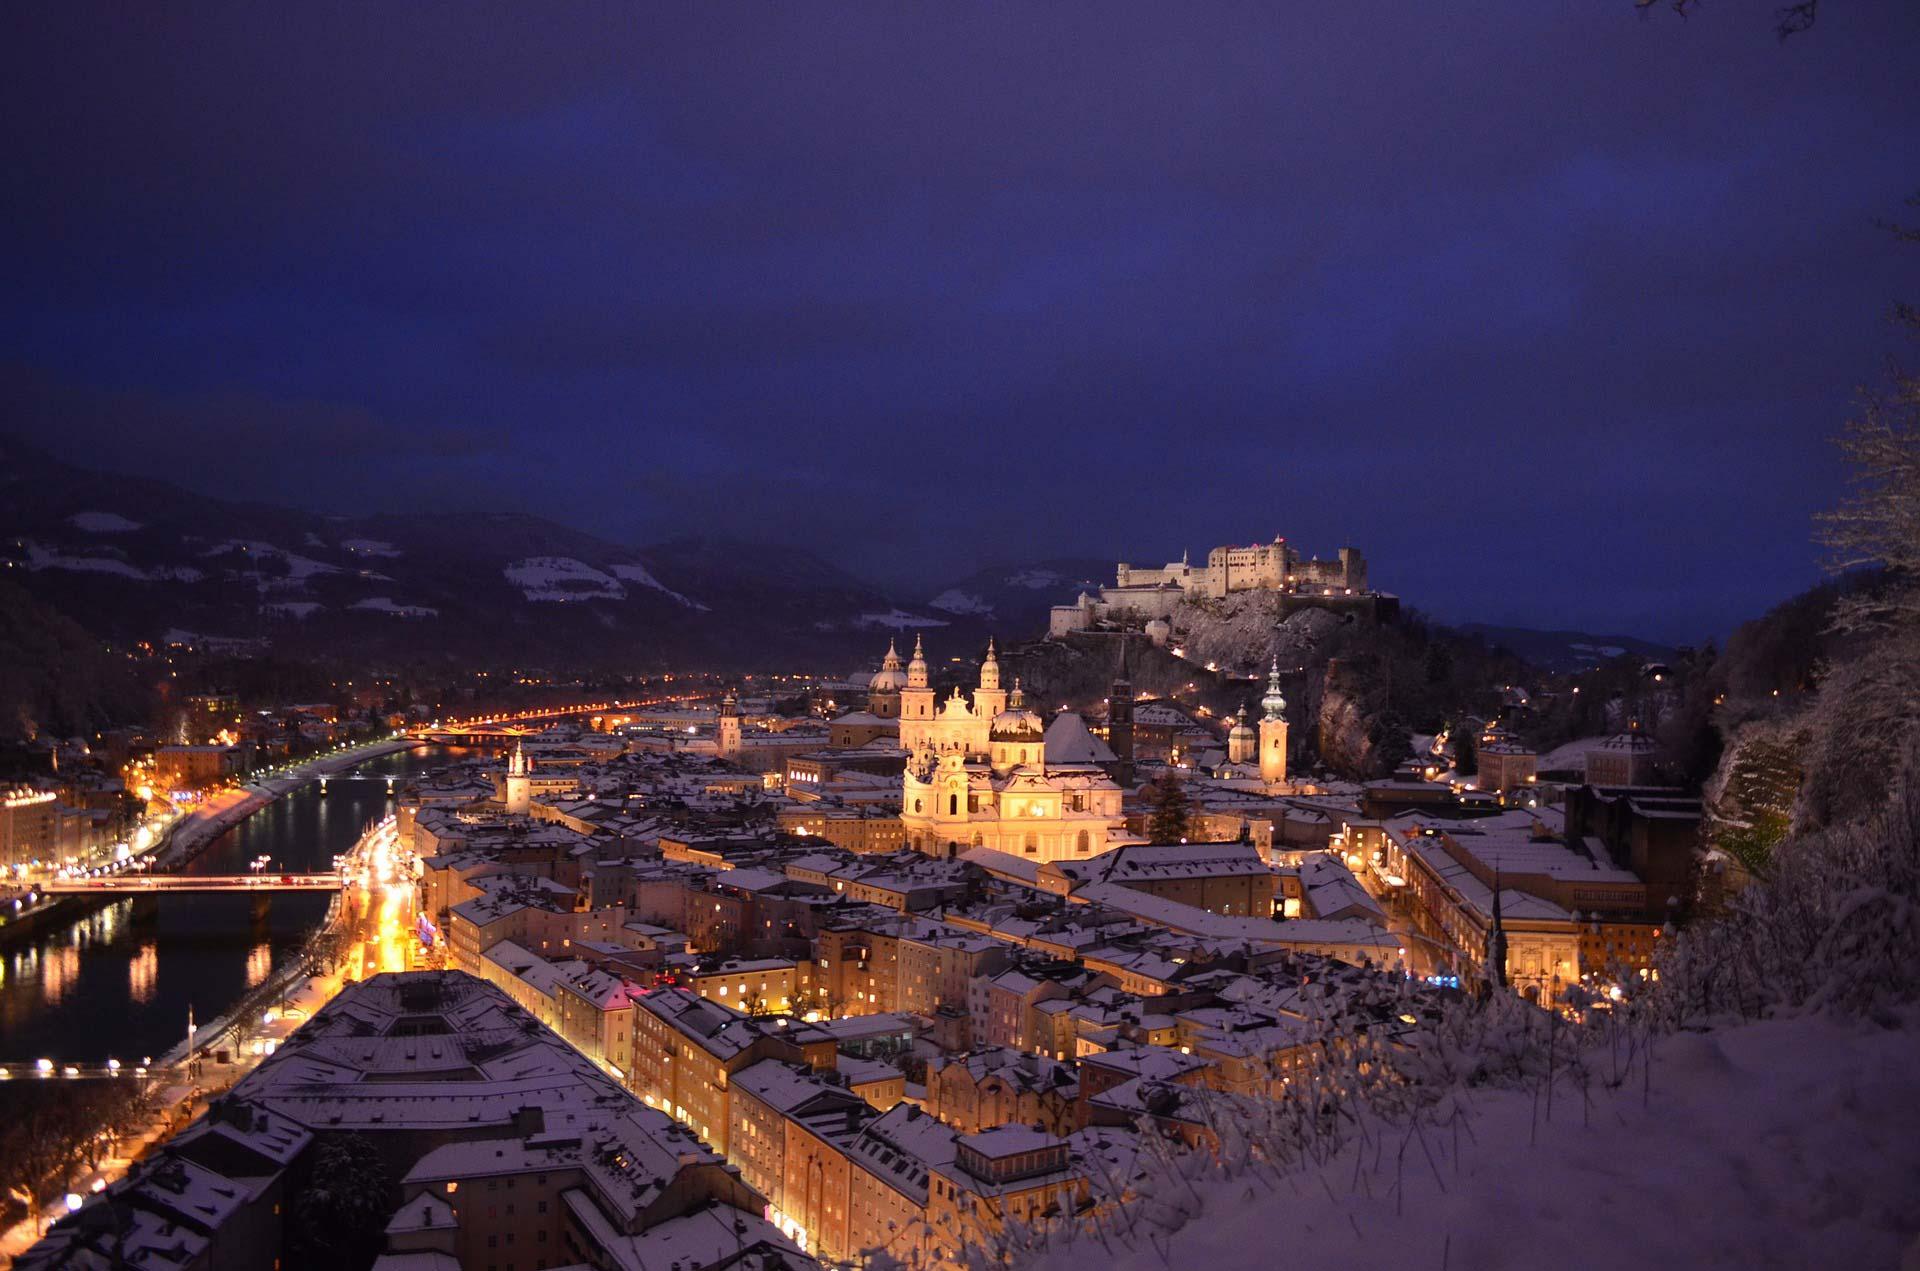 Salzburg bei Nacht im Winter